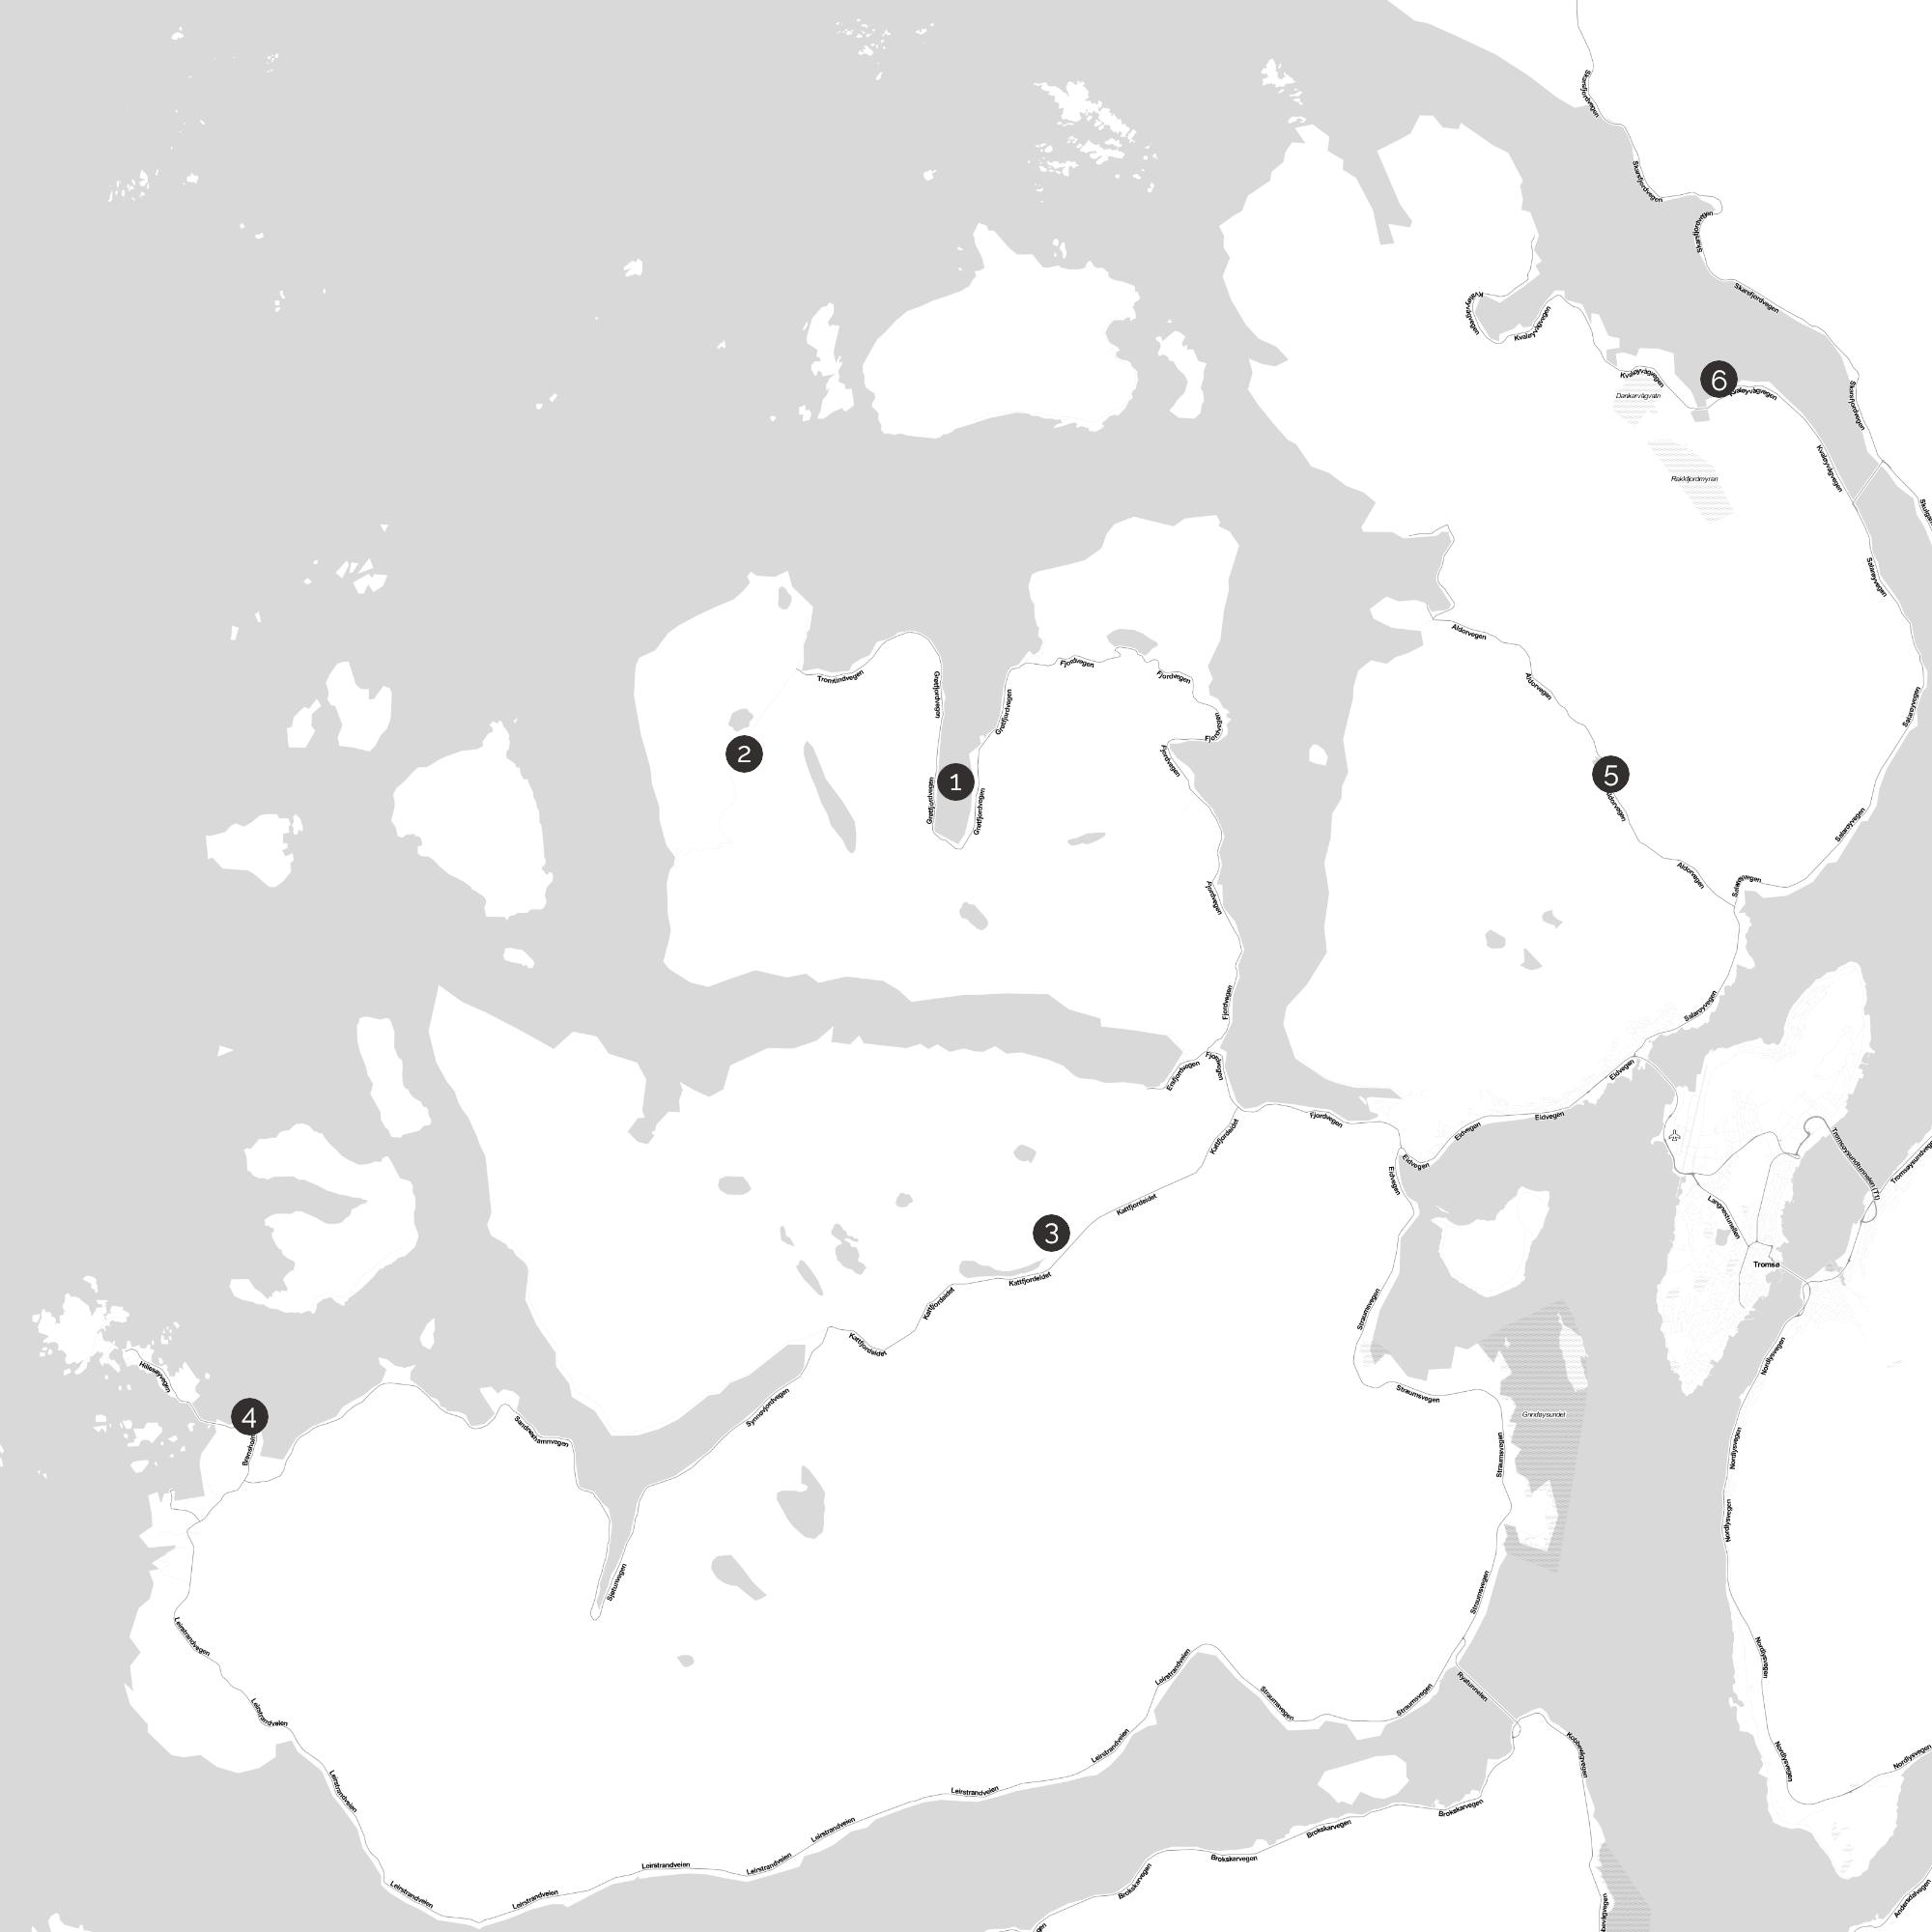 kvaloya map